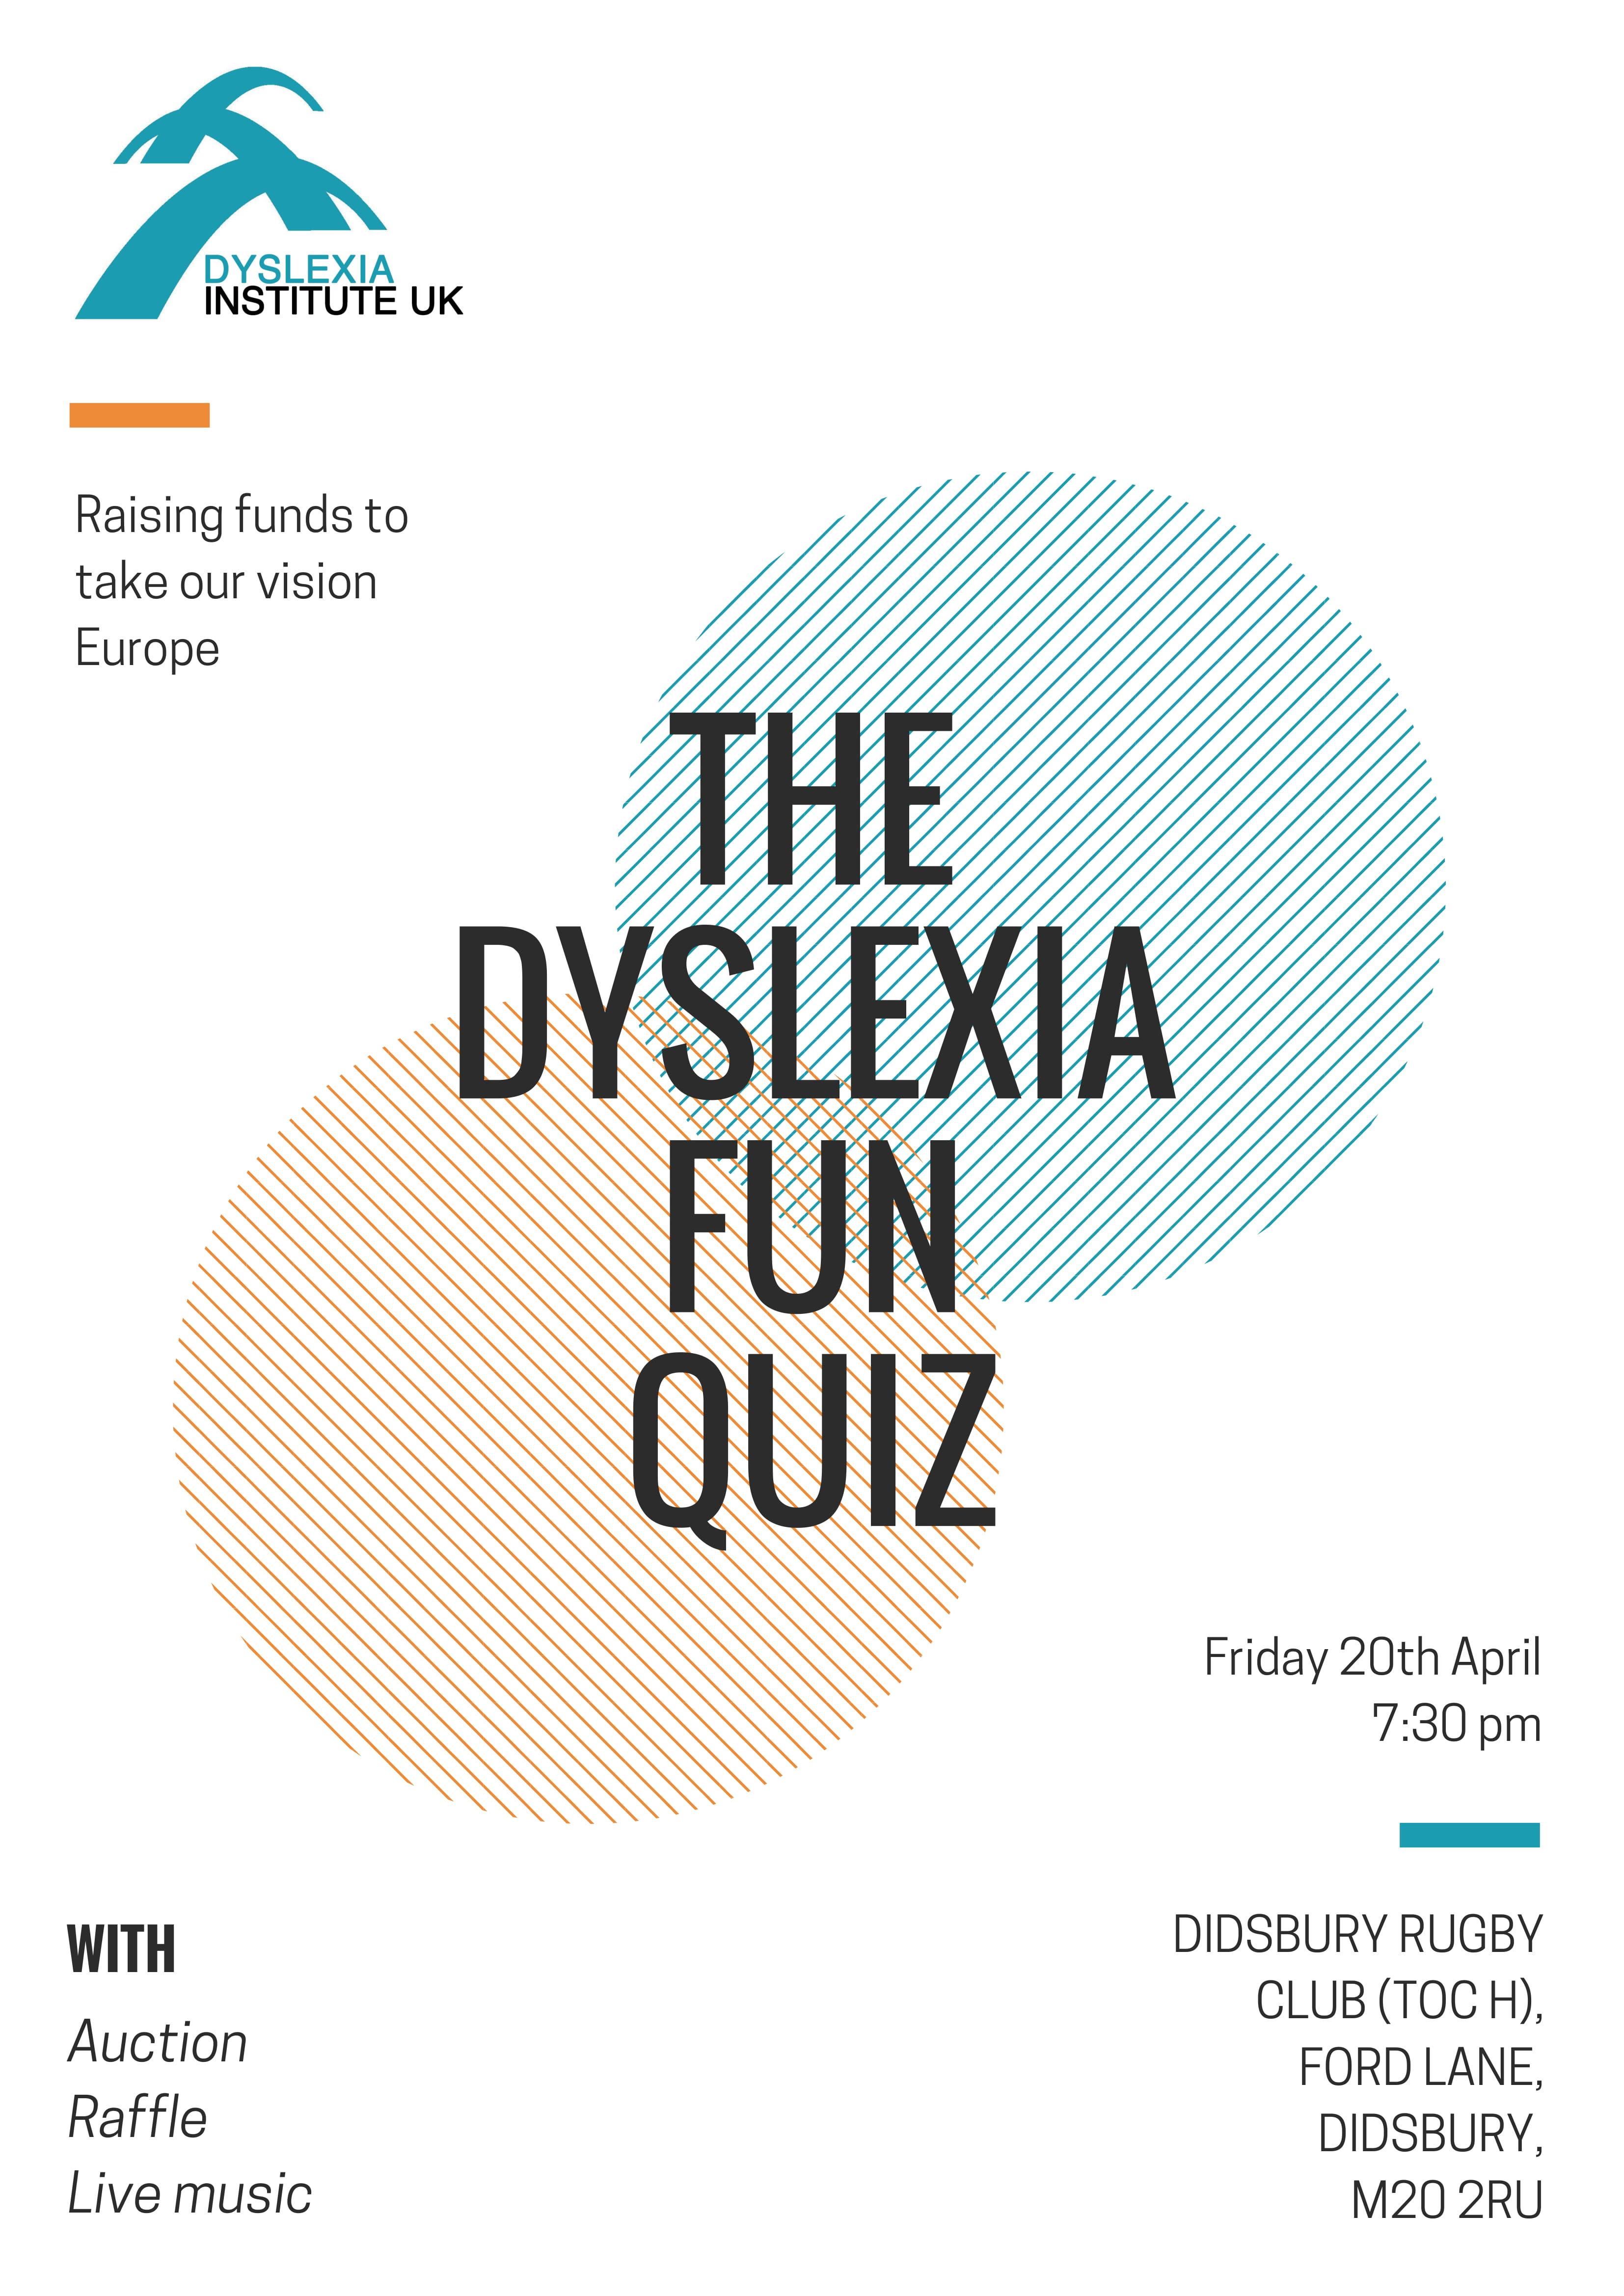 Dyslexia_Fun_Quiz-1_1_.jpg